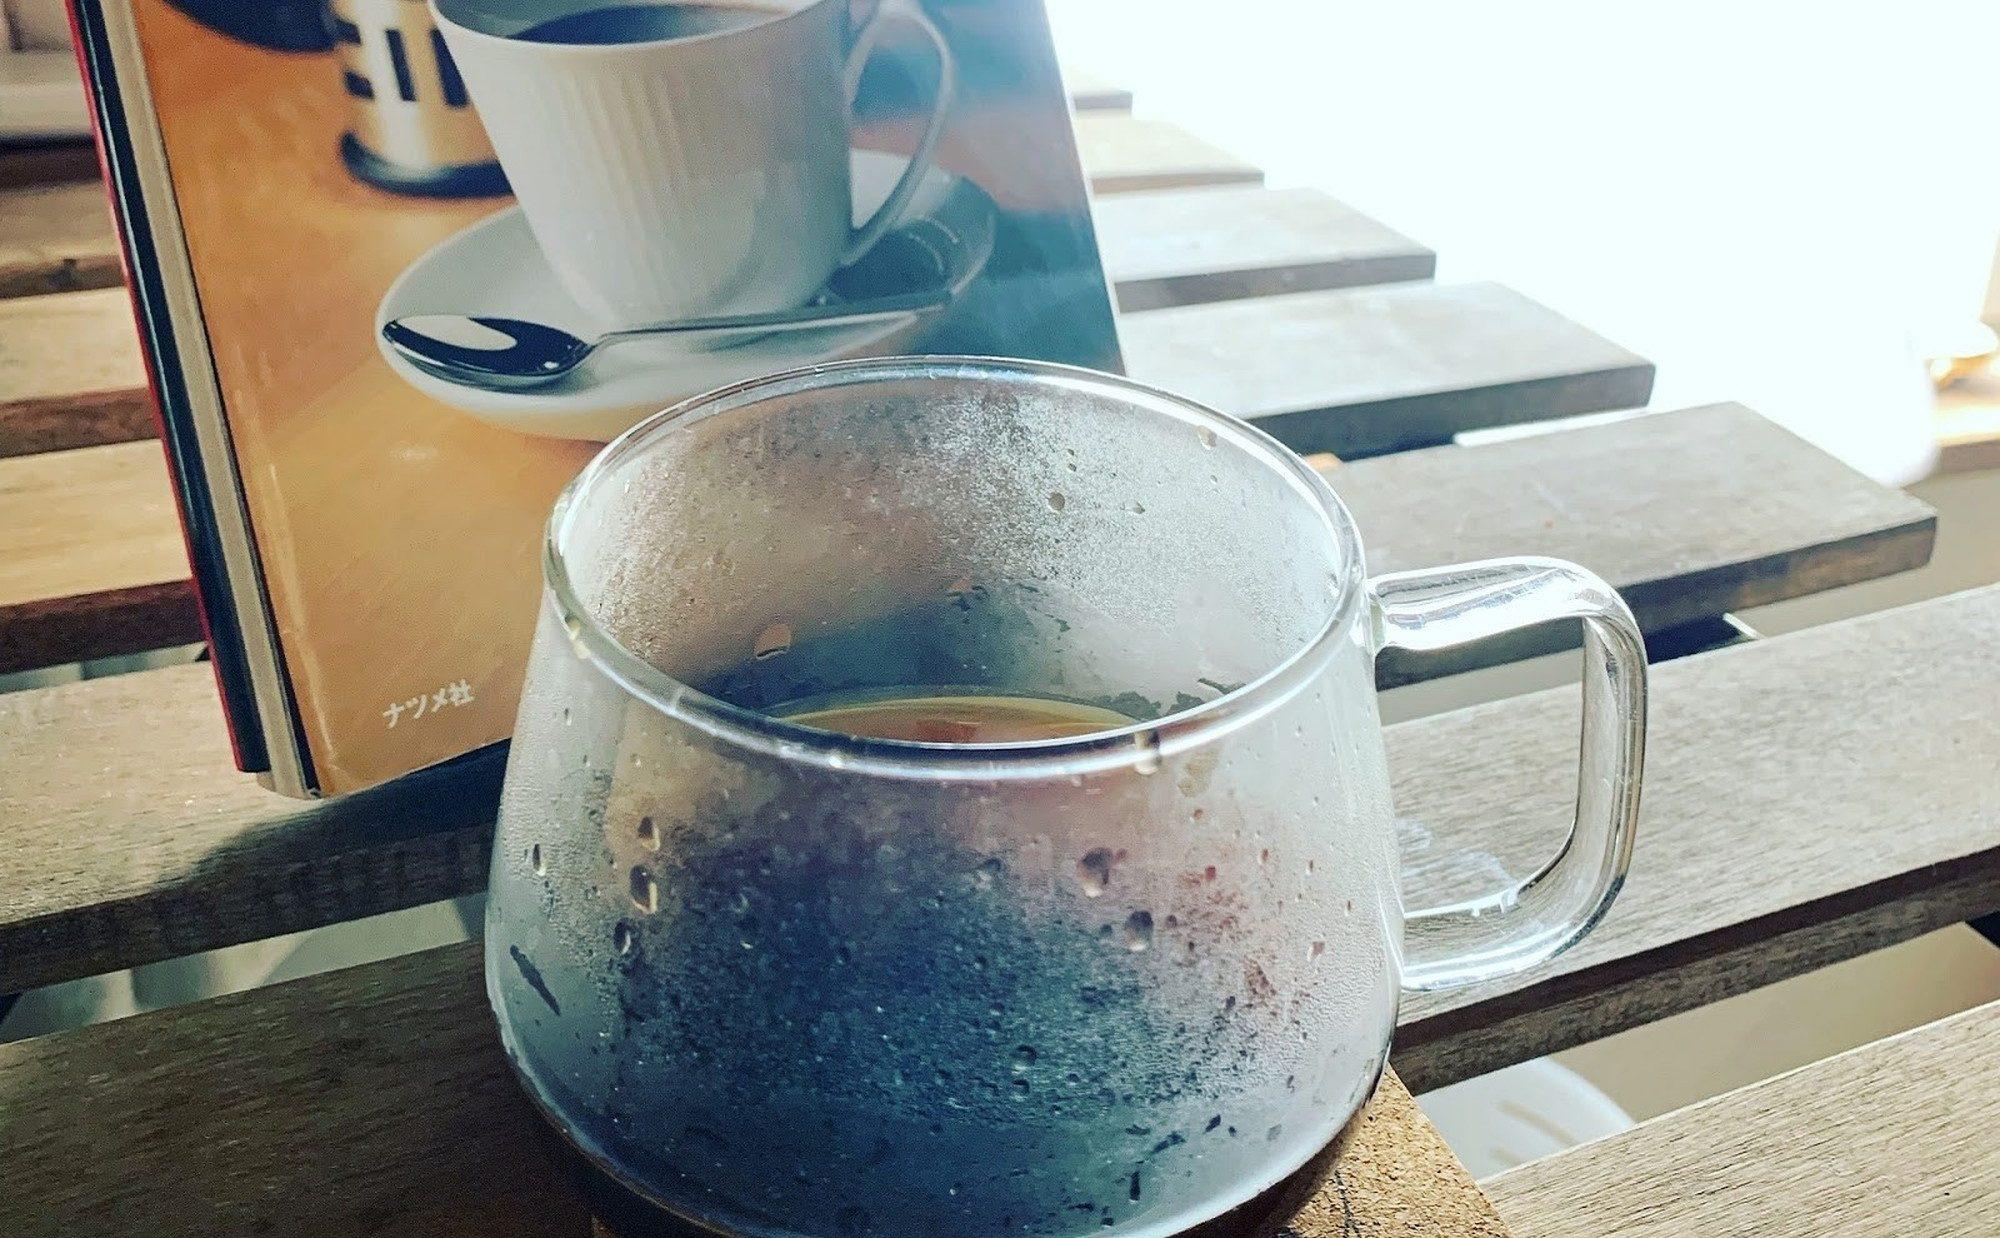 いつもコーヒーのある暮らし 忙しさの中にひとときの安らぎを。